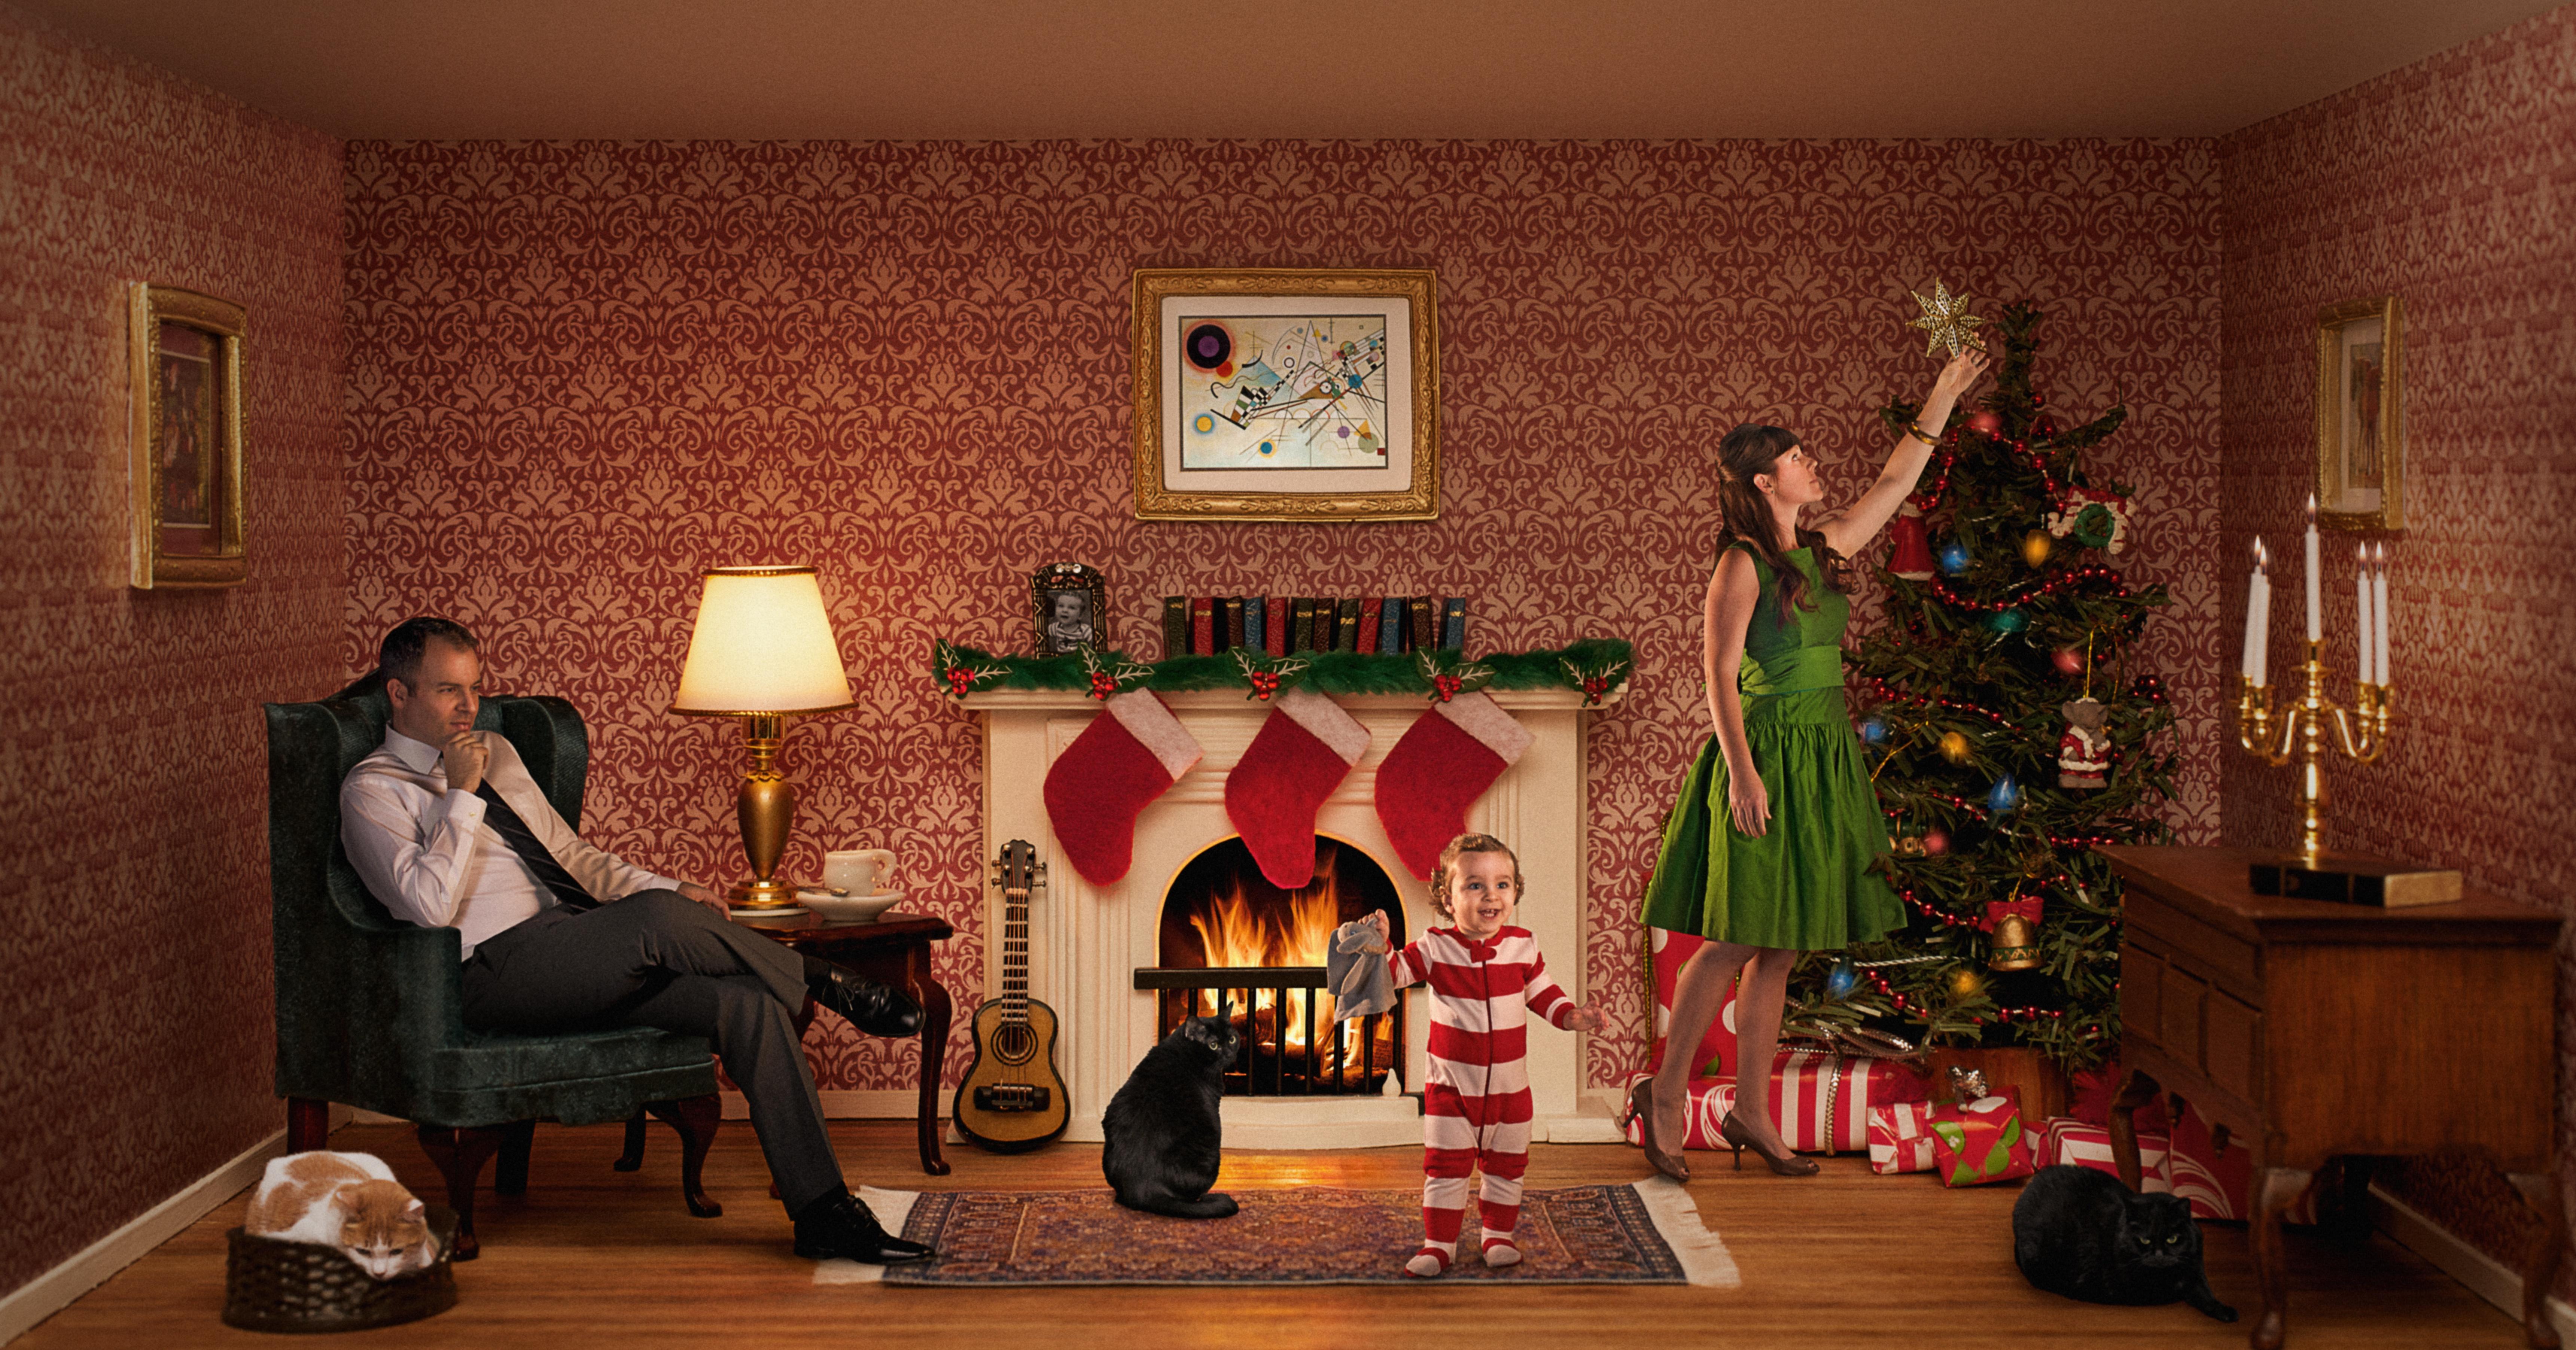 Hintergrundbilder : Weihnachten, Familie, Fenster, Katzen, Lampe ...